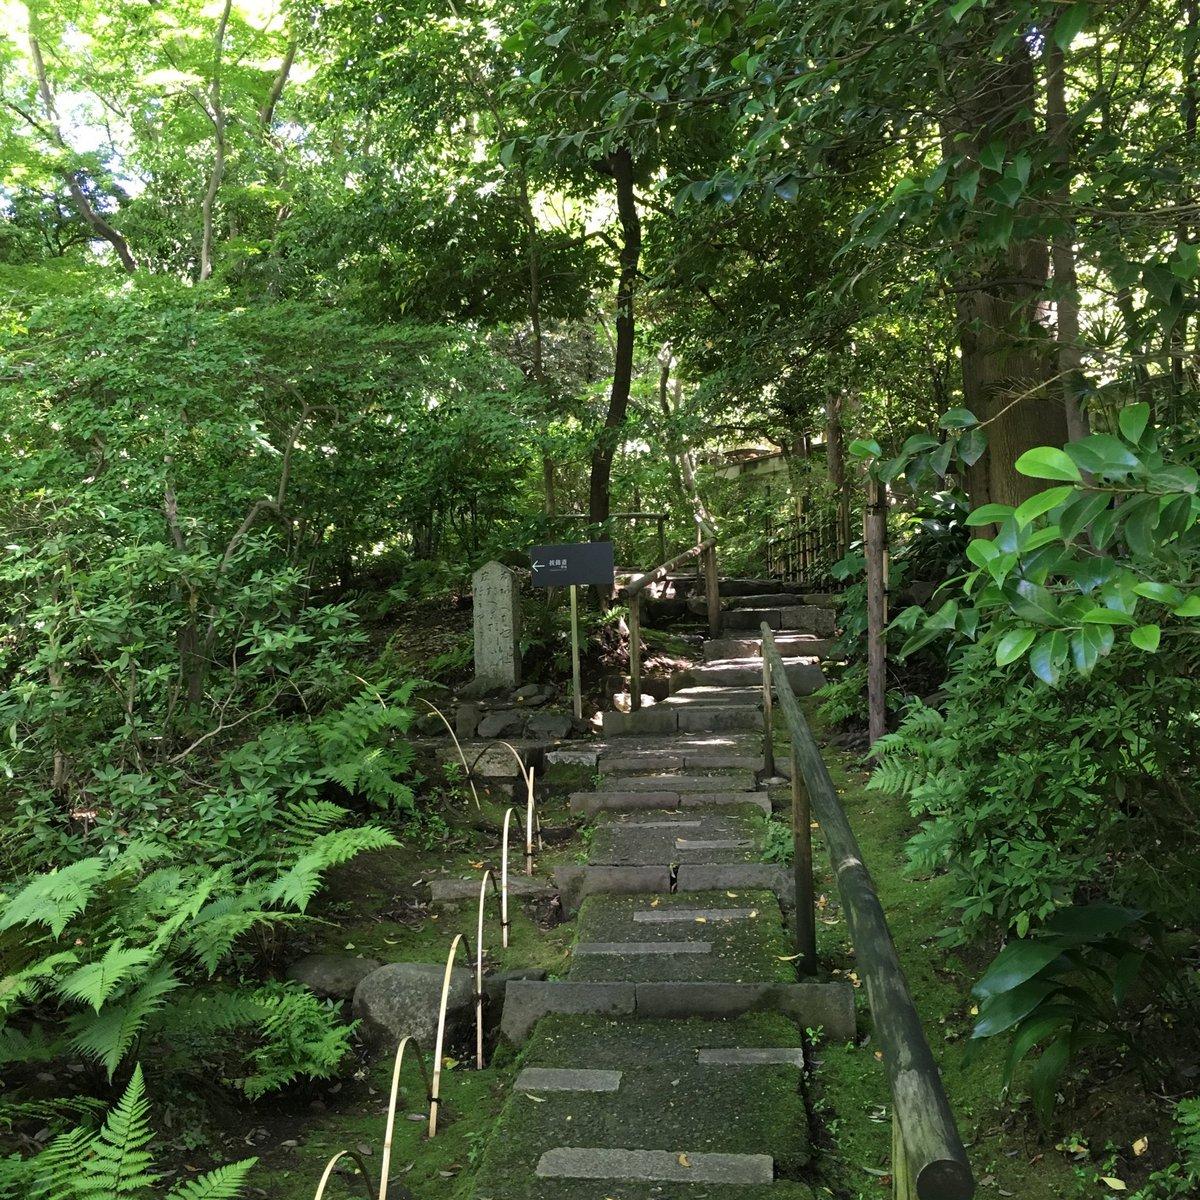 test ツイッターメディア - 昨日の雨で空気が澄んで気持ちの良い一日。暑すぎることもなく、元気よく向かった先は根津美術館。庭園は森の匂いに溢れていた。 https://t.co/wCkcBtXhJD